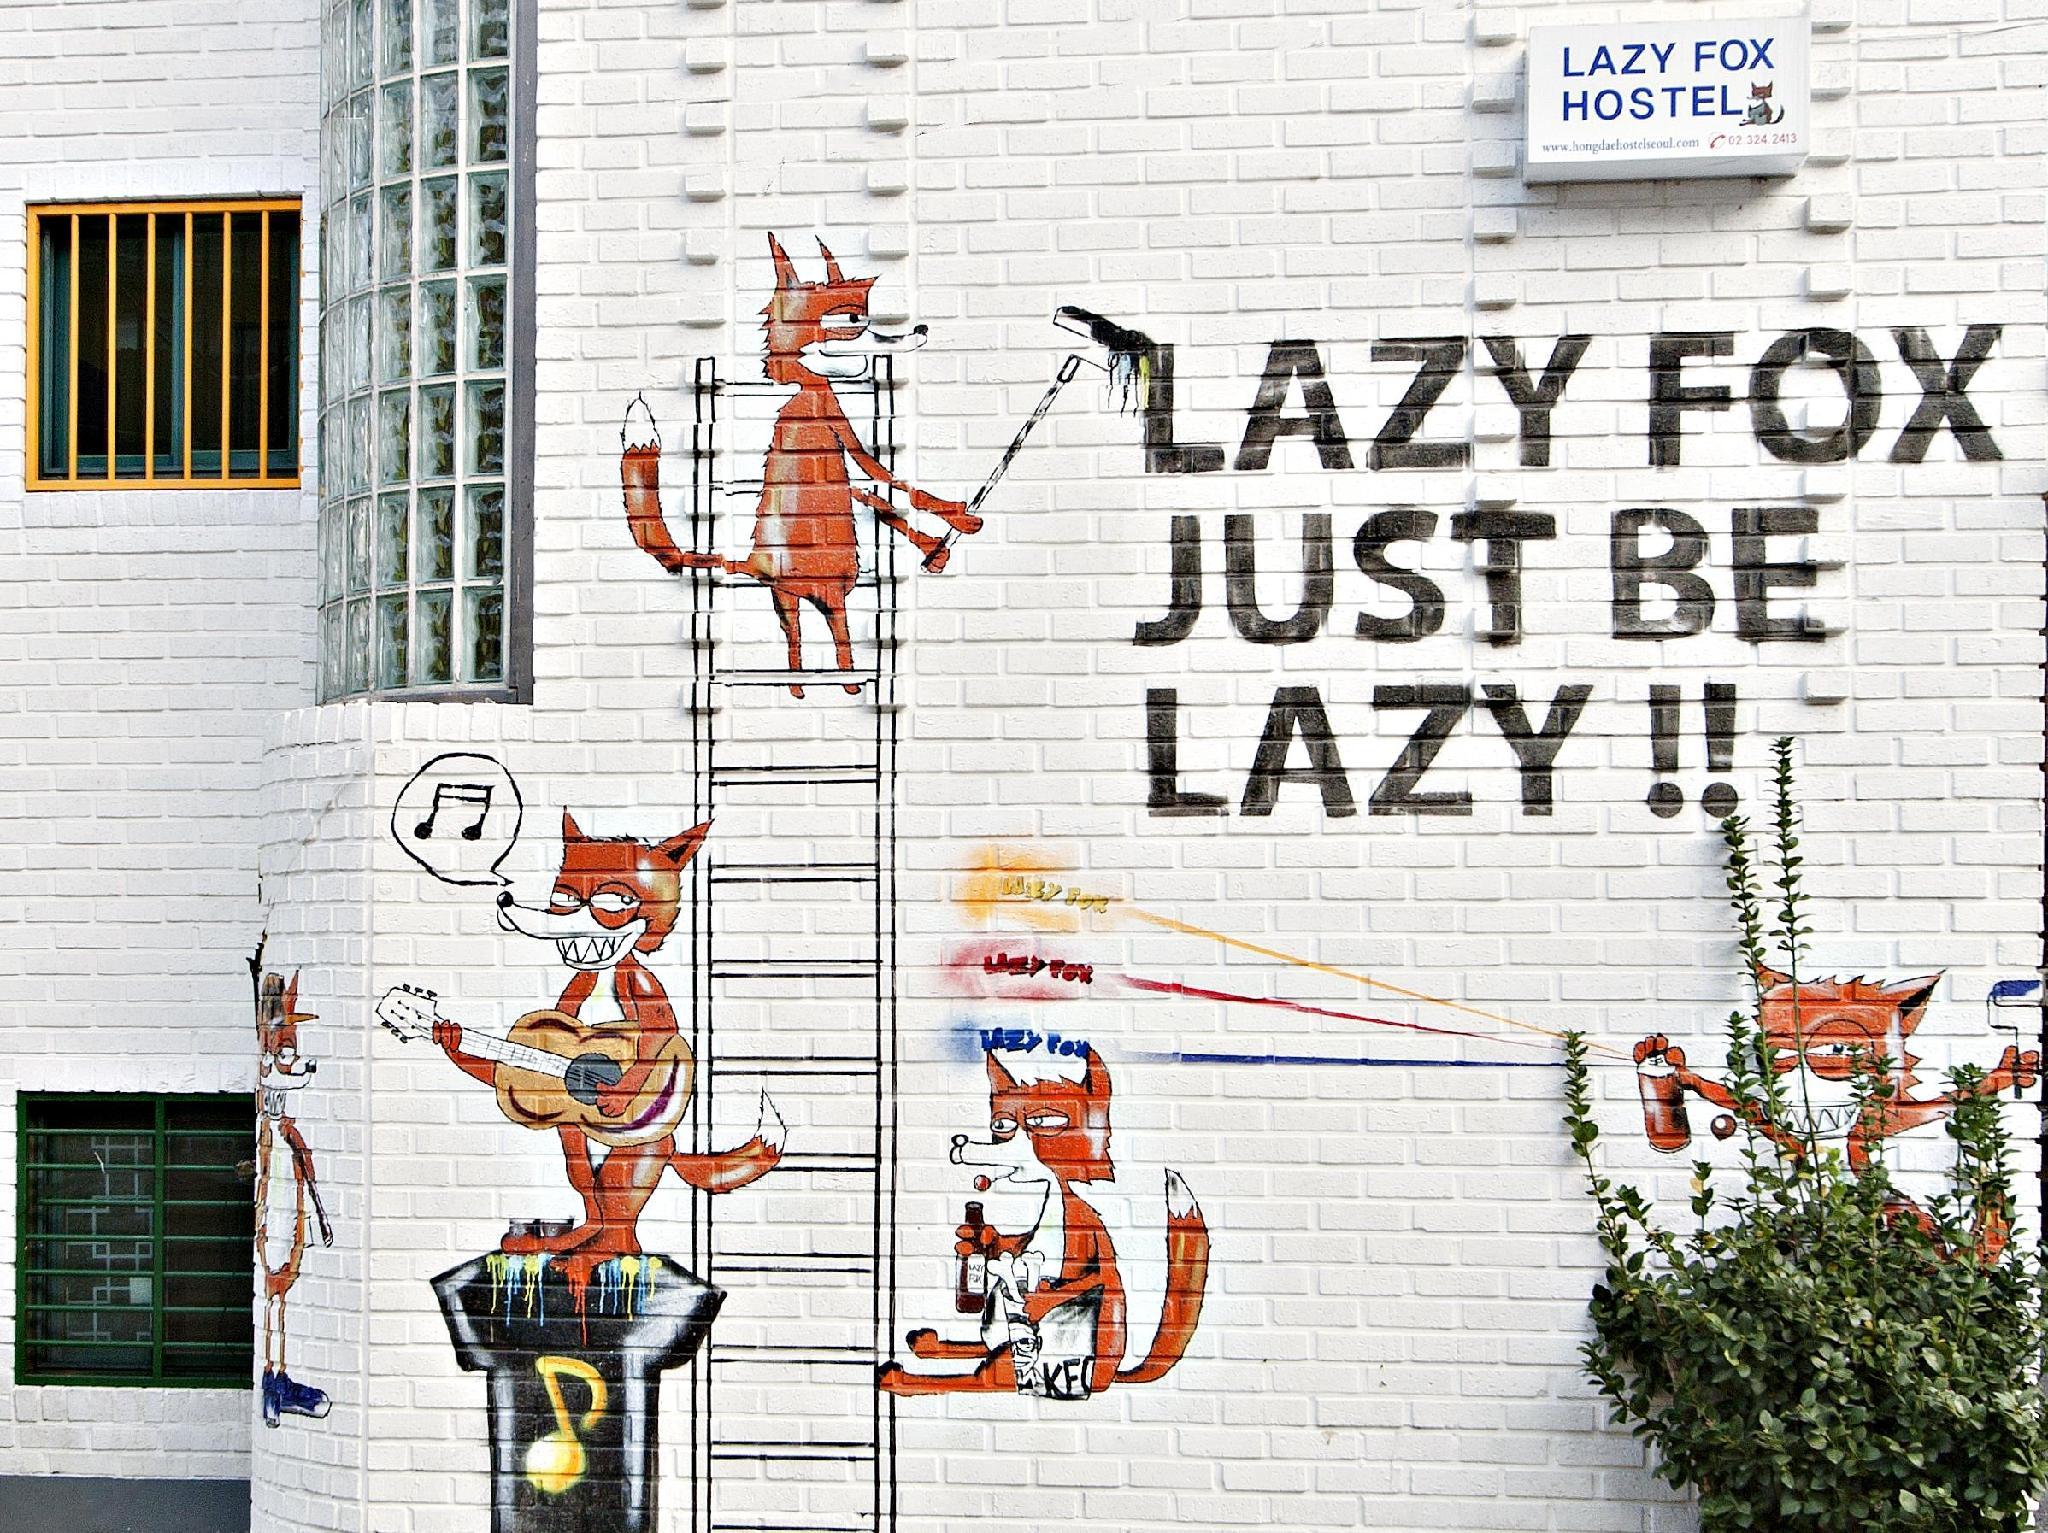 Hongdae Lazy Fox Hostel In Seoul - Seoul